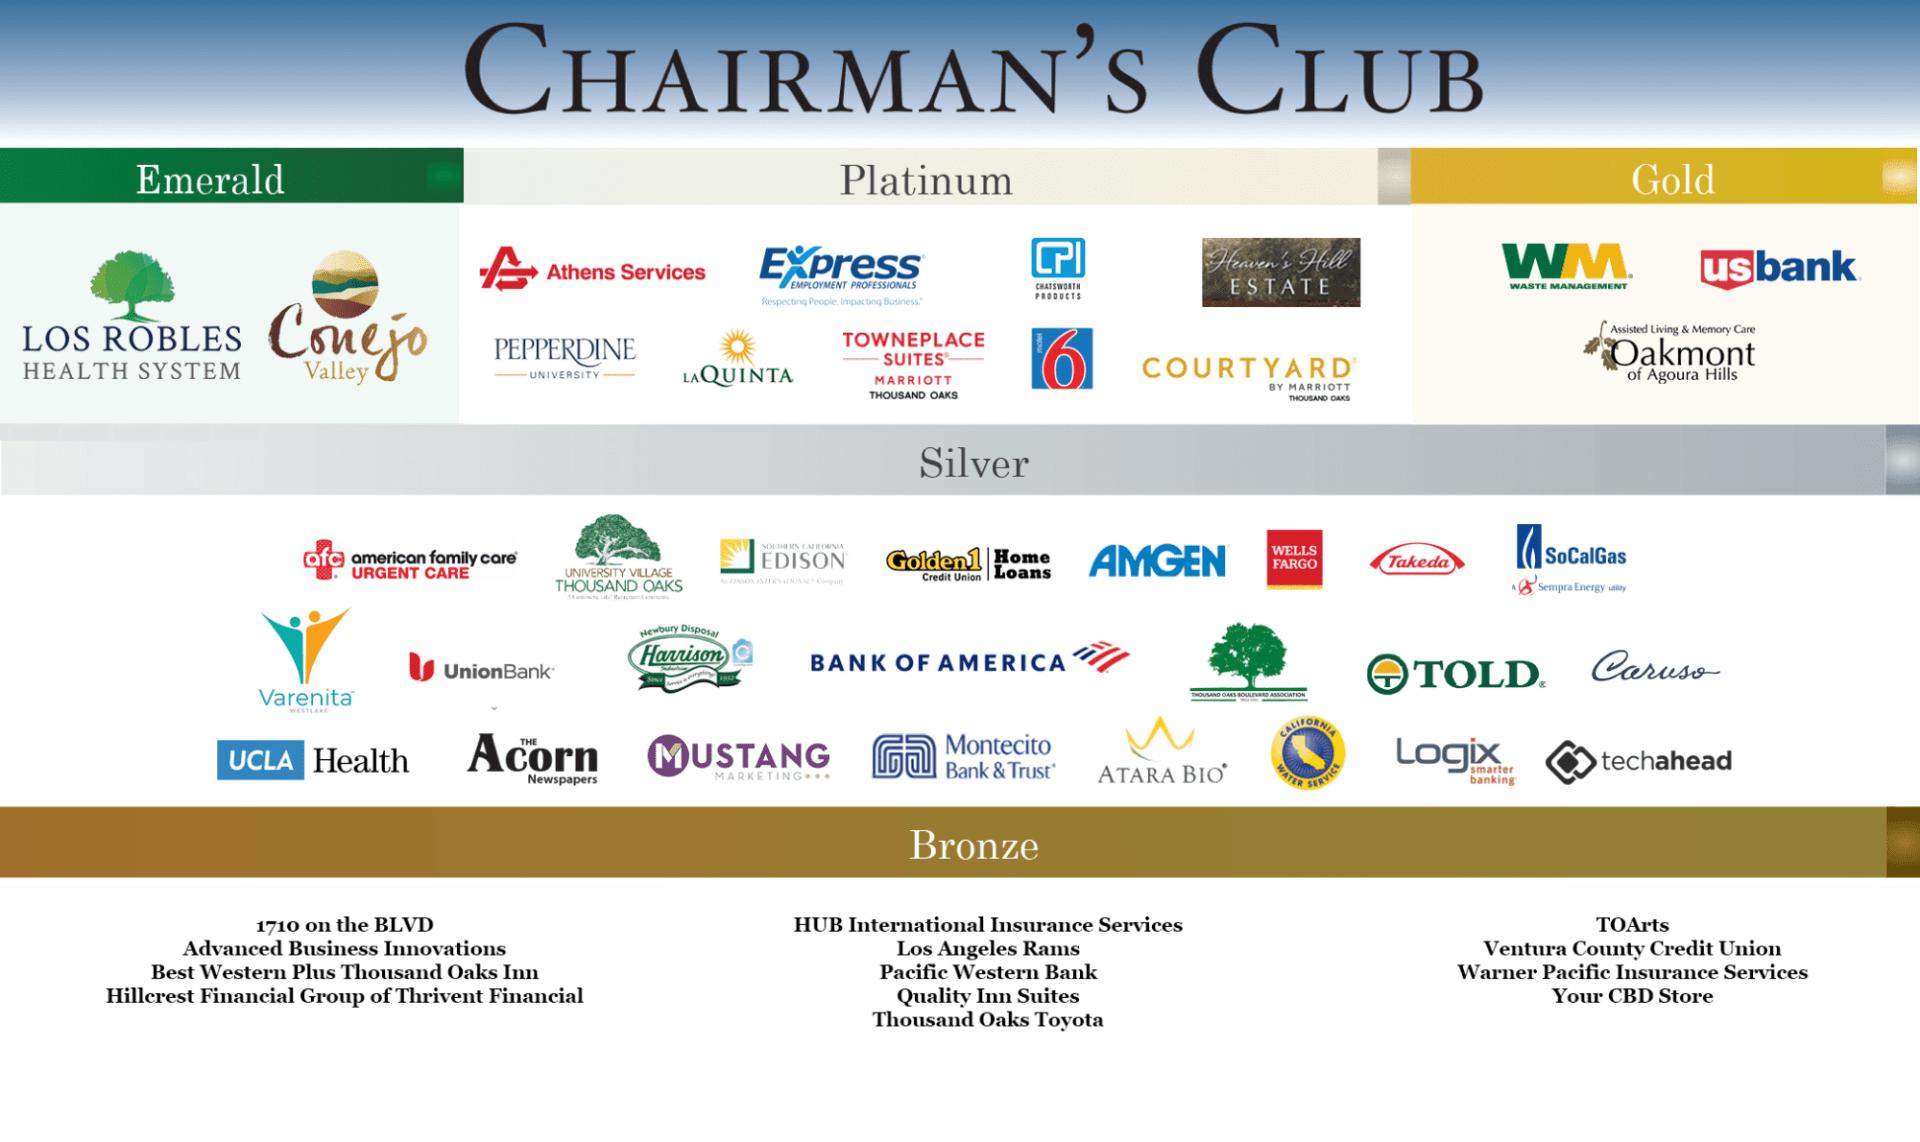 Chairmans-Club-v25.png